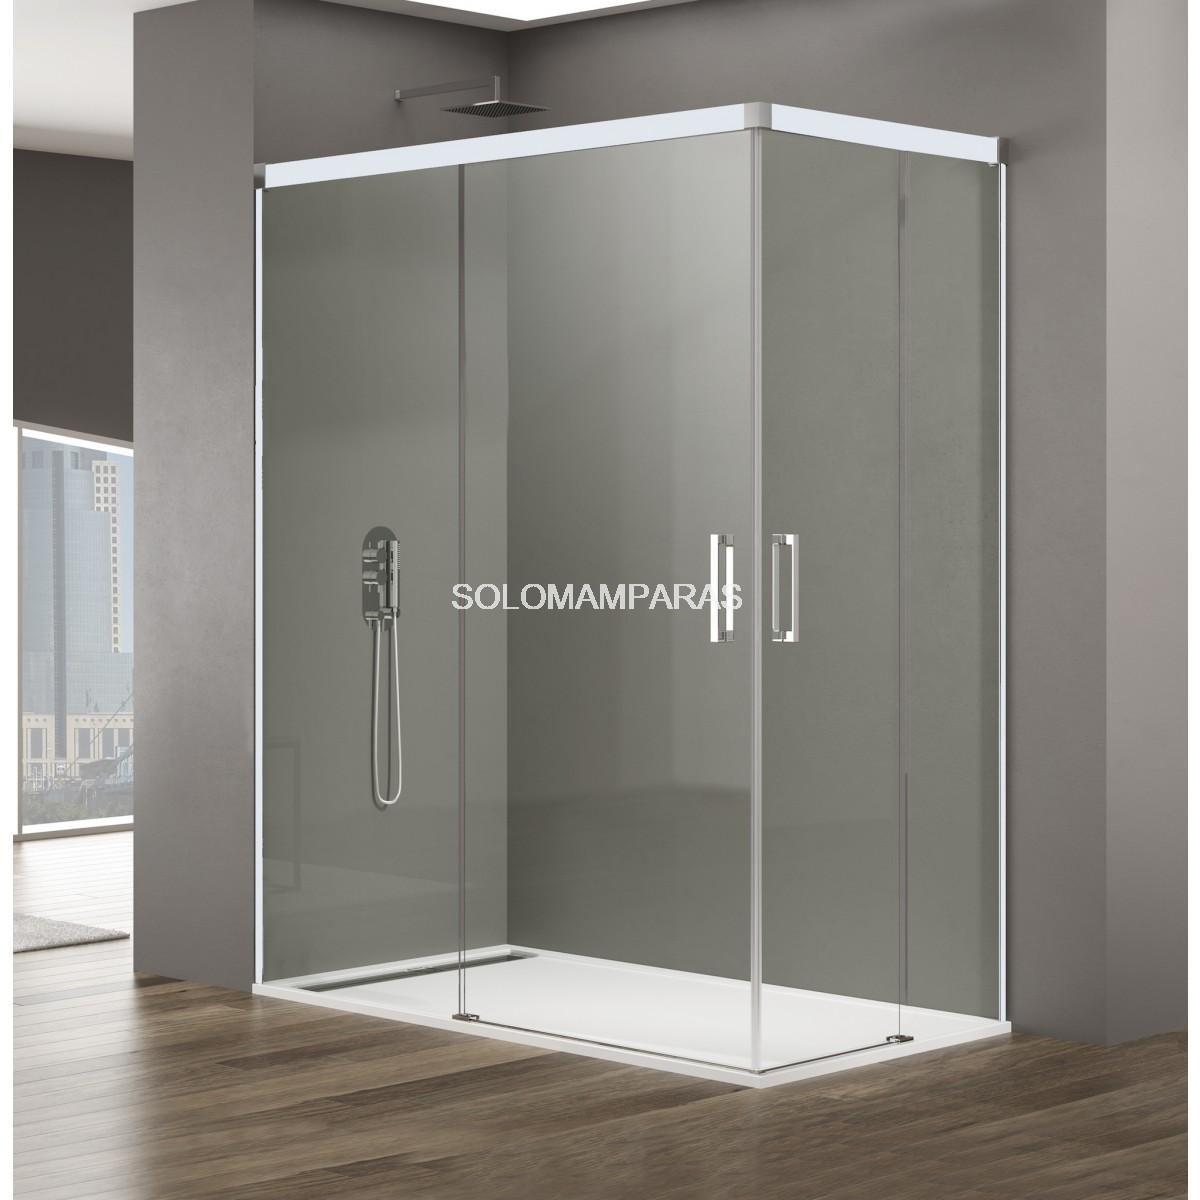 Perfil para puertas de ducha plegables y pared blanco 5 m